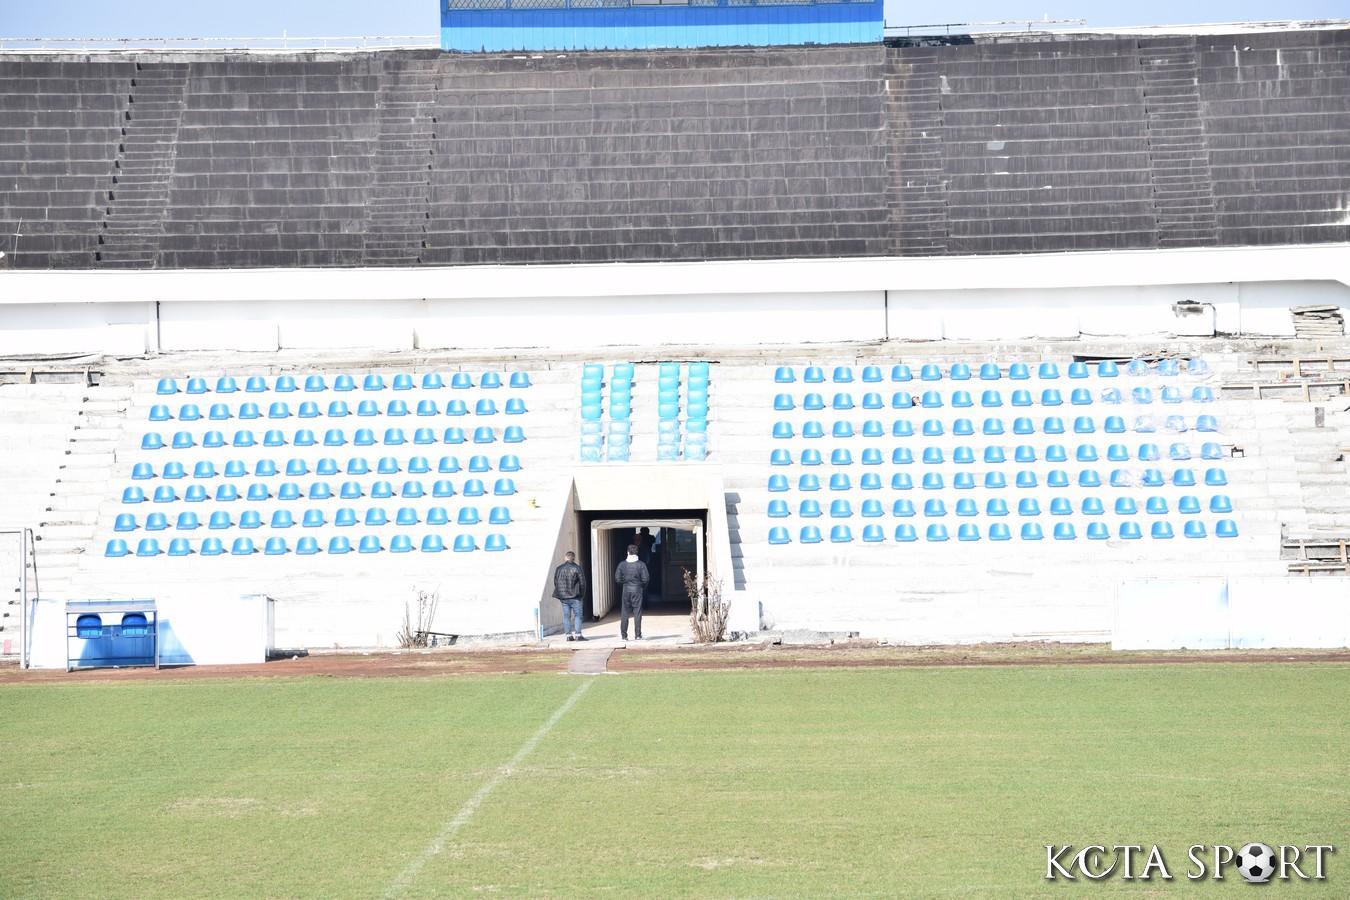 stadion chernomoretz 10